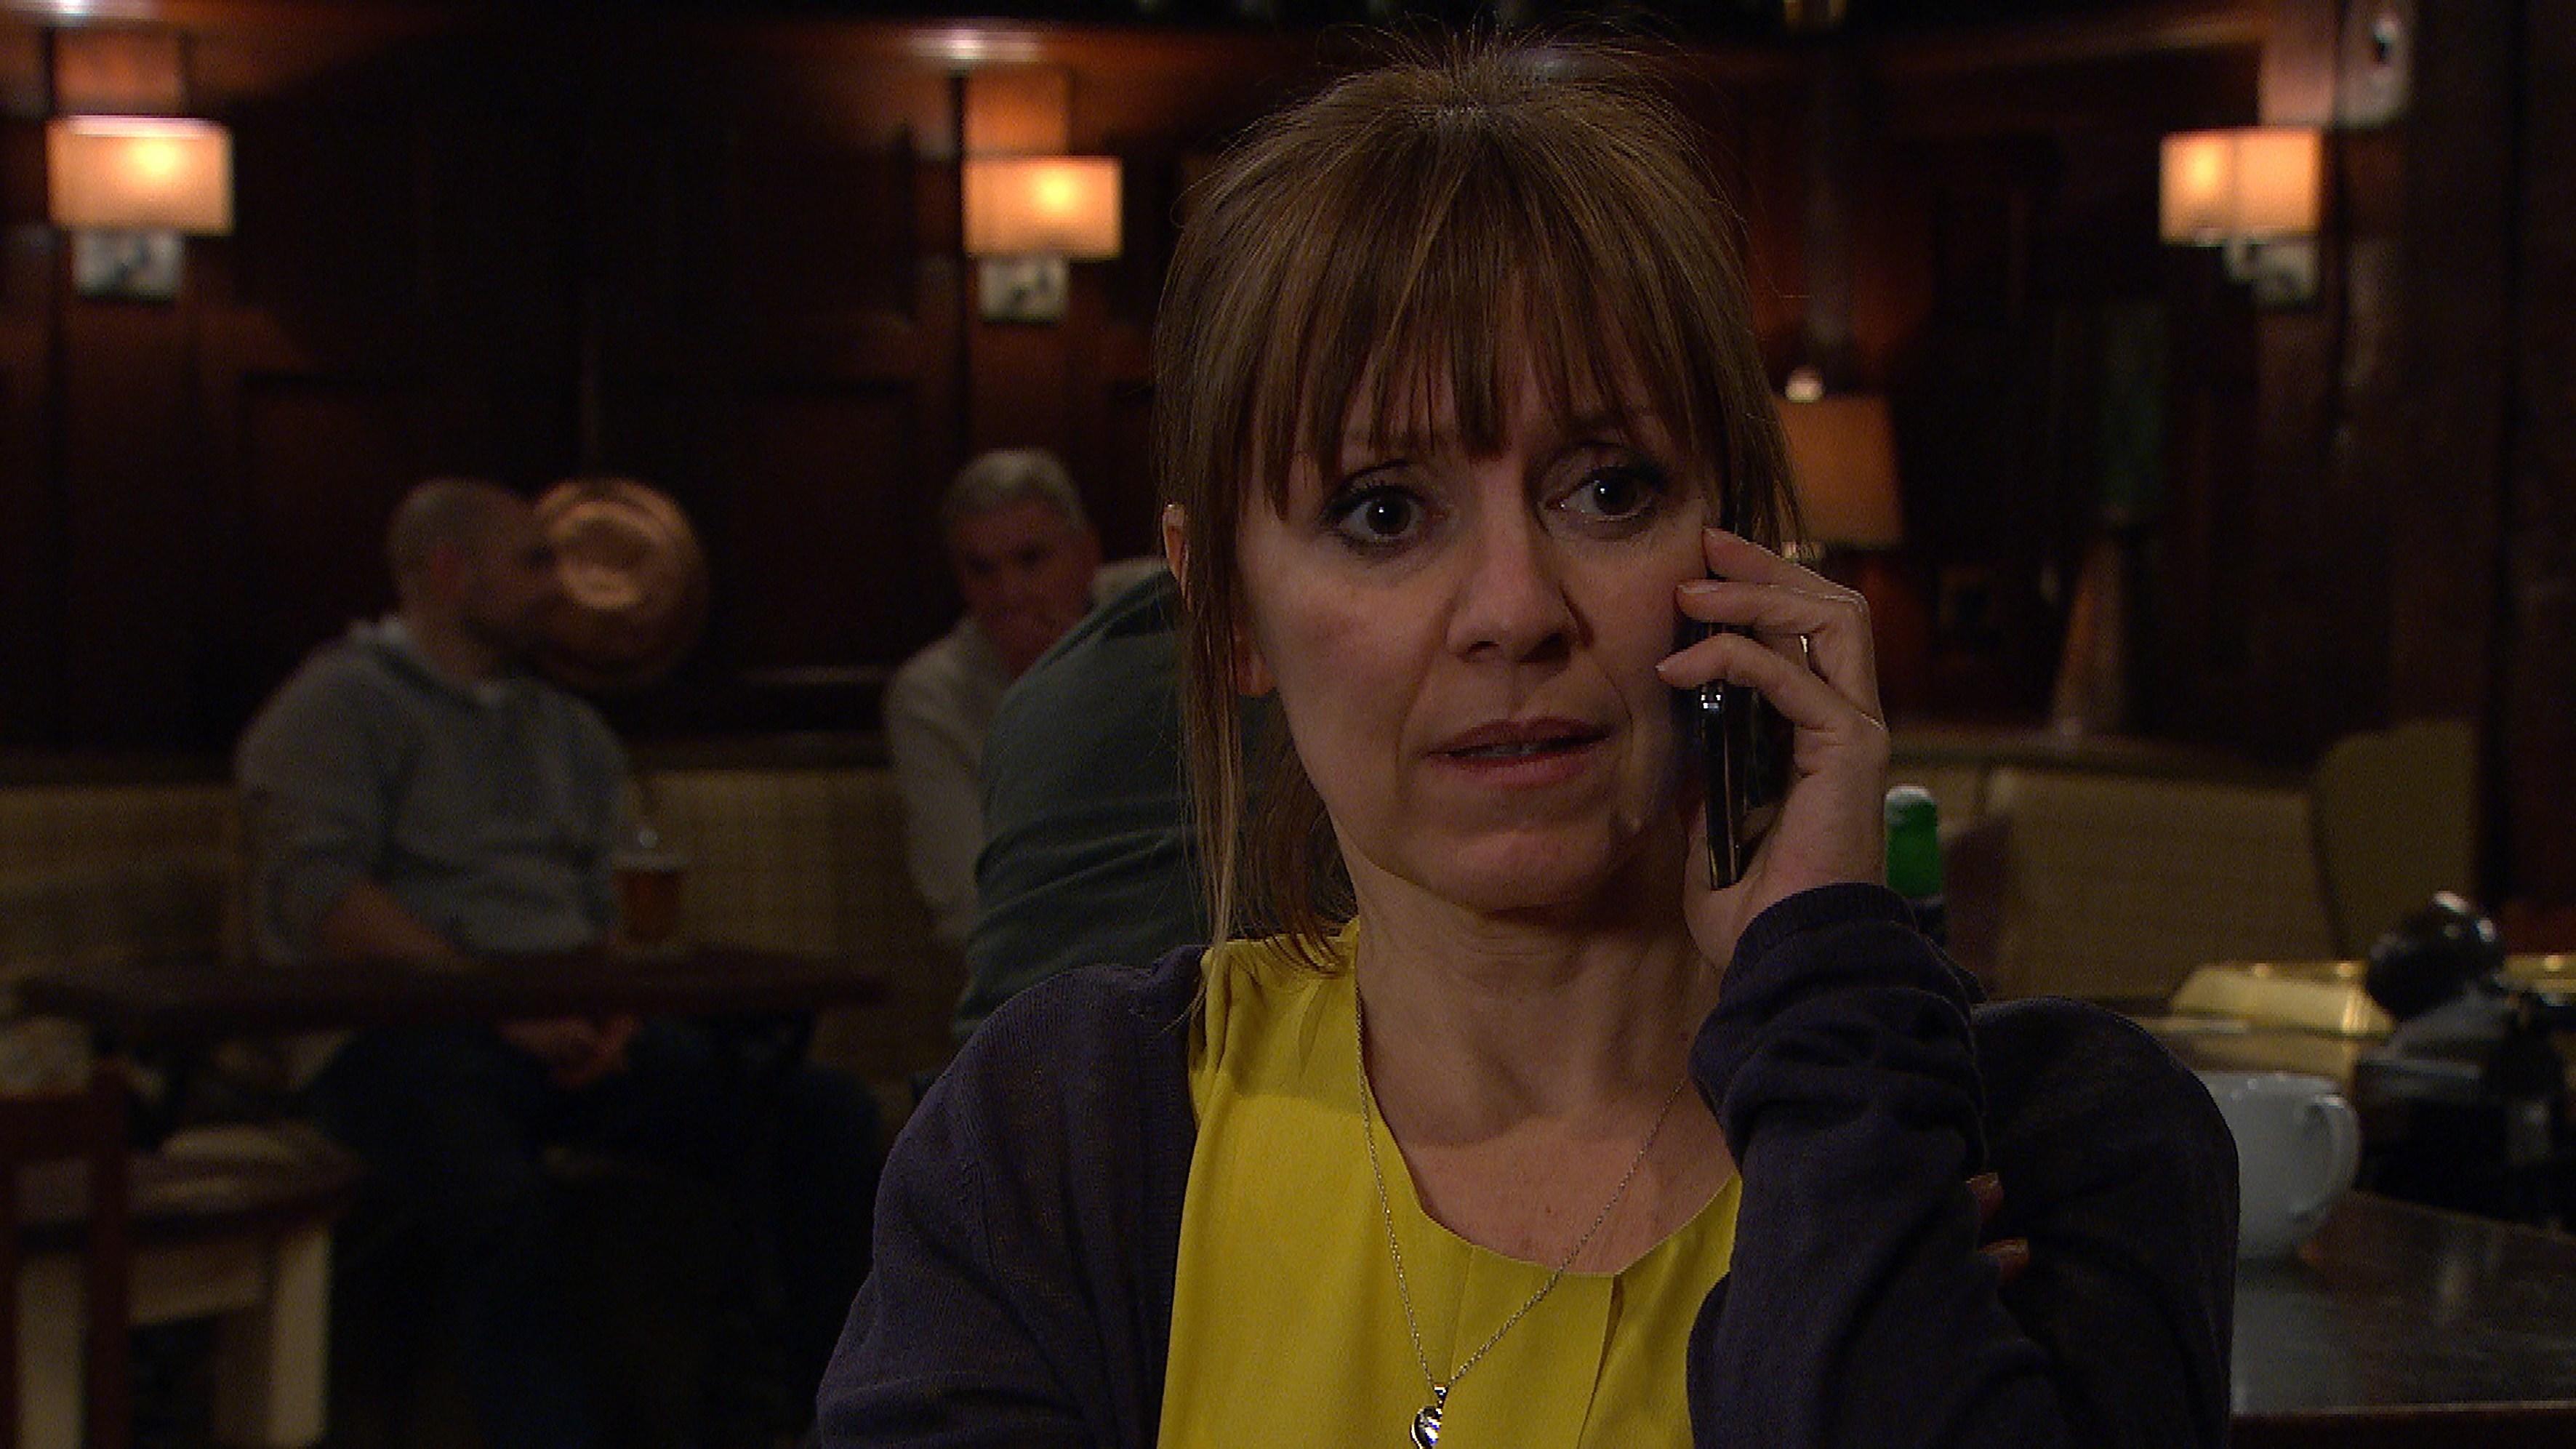 Emmerdale spoilers: Rhona Goskirk gets shocking news about Pierce Harris tonight